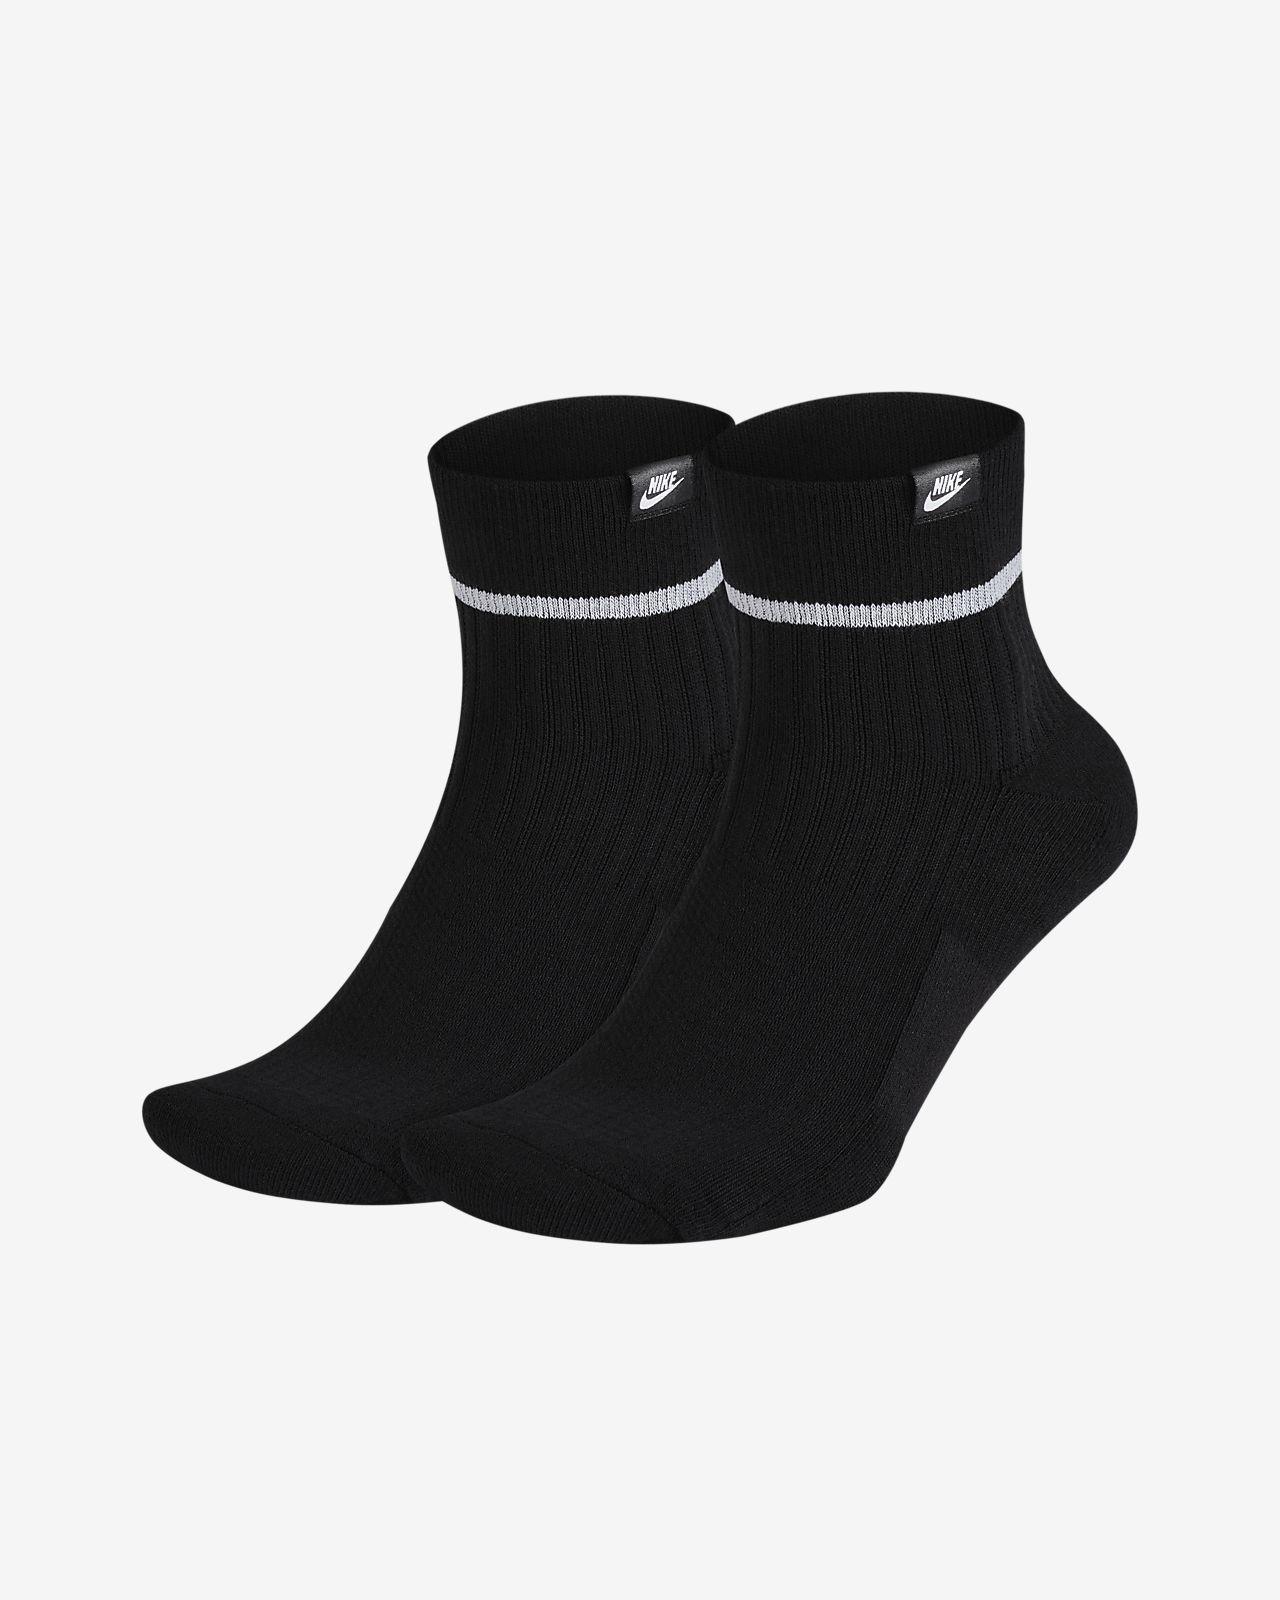 Skarpety do kostki Nike Essential (2 pary)